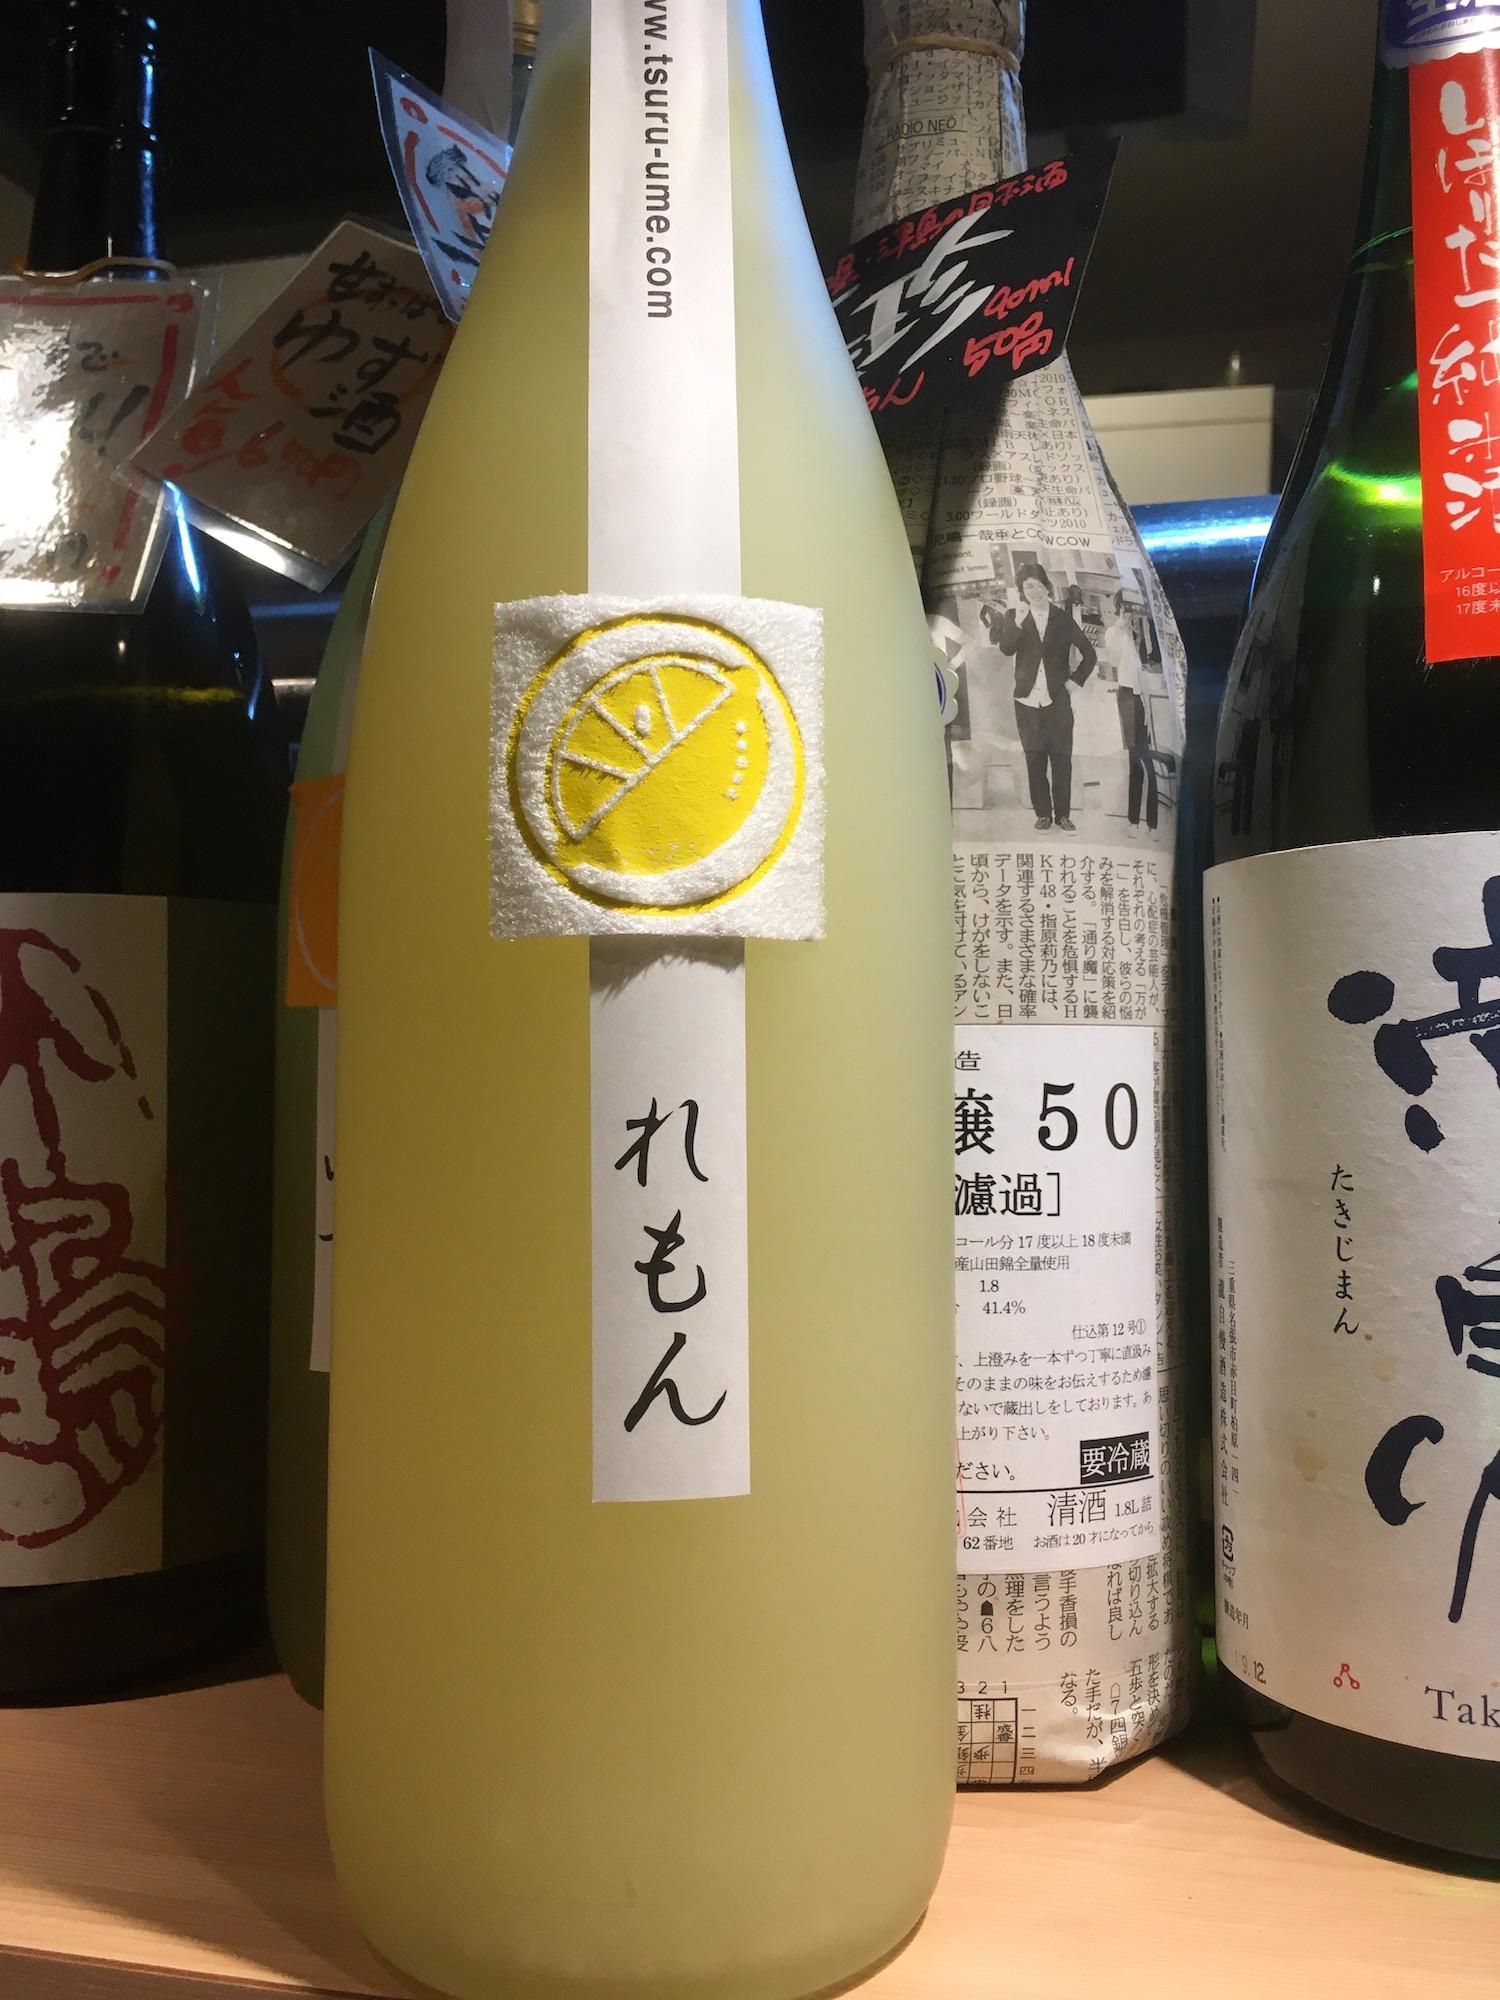 レモン酒!